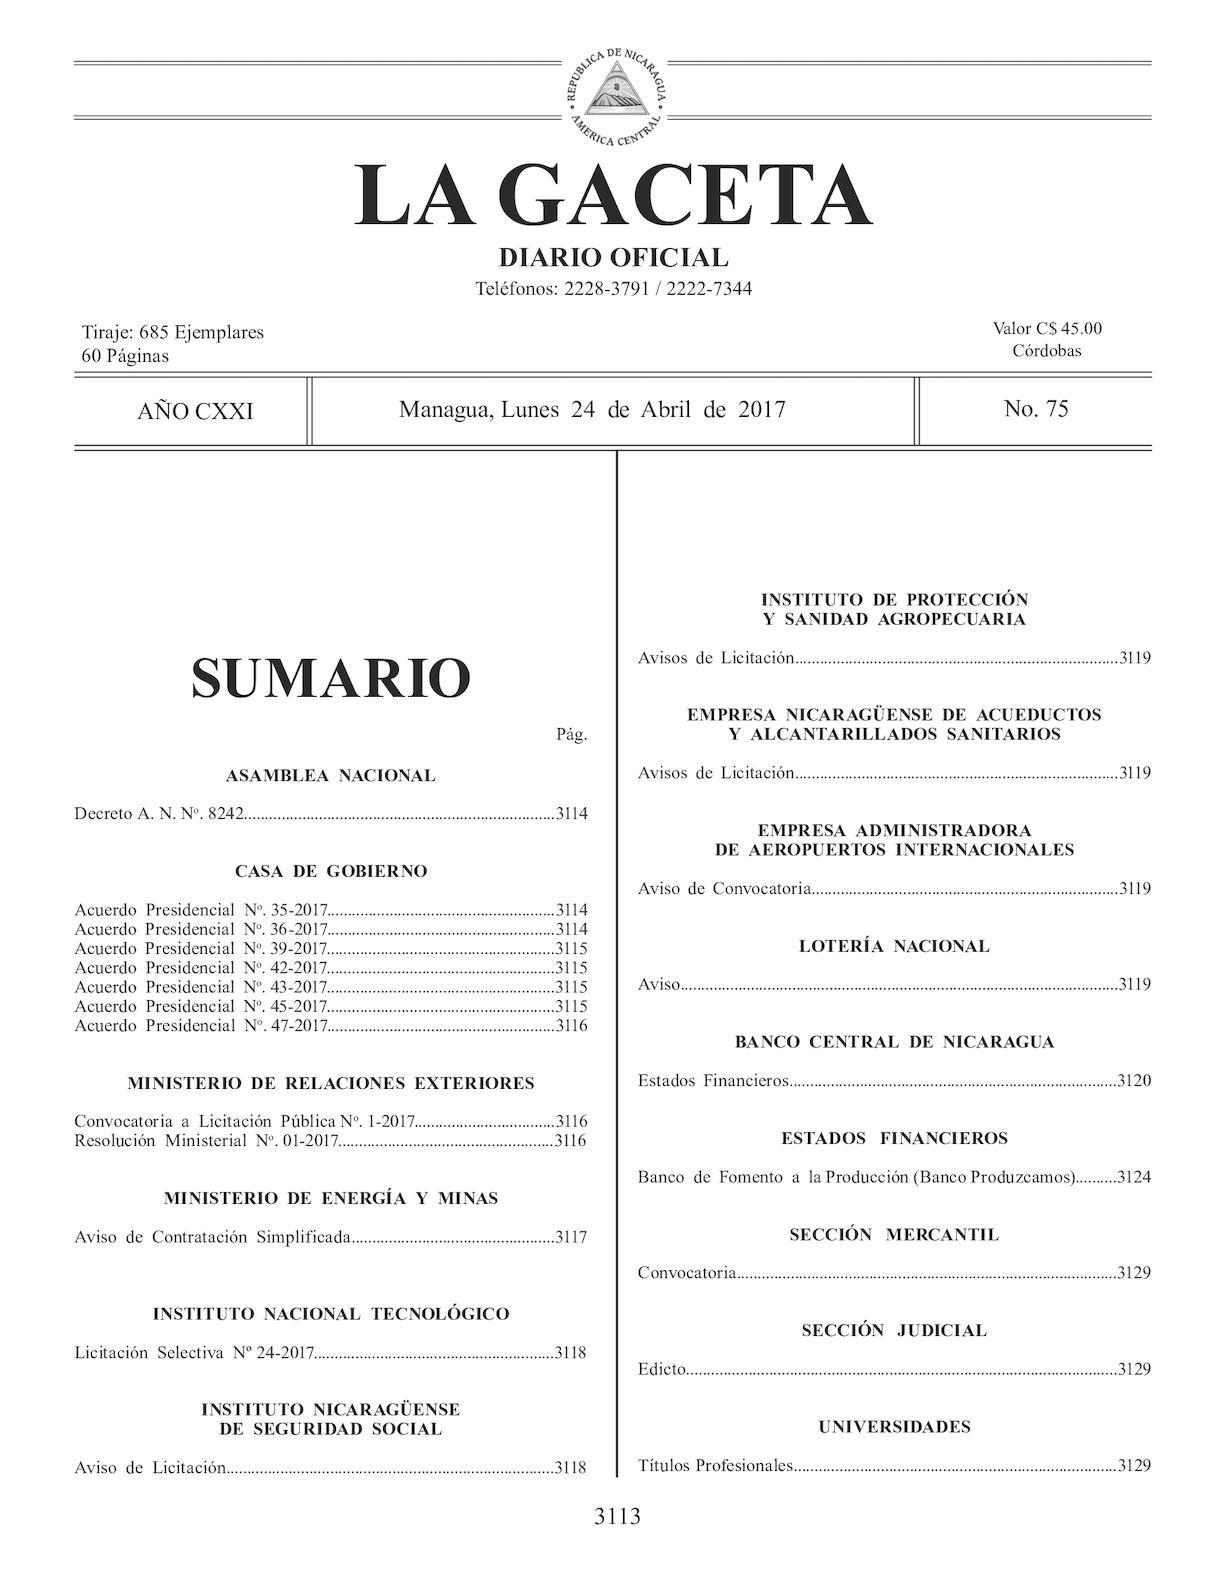 Gaceta No 75 Lunes 25 De Abril De 2017